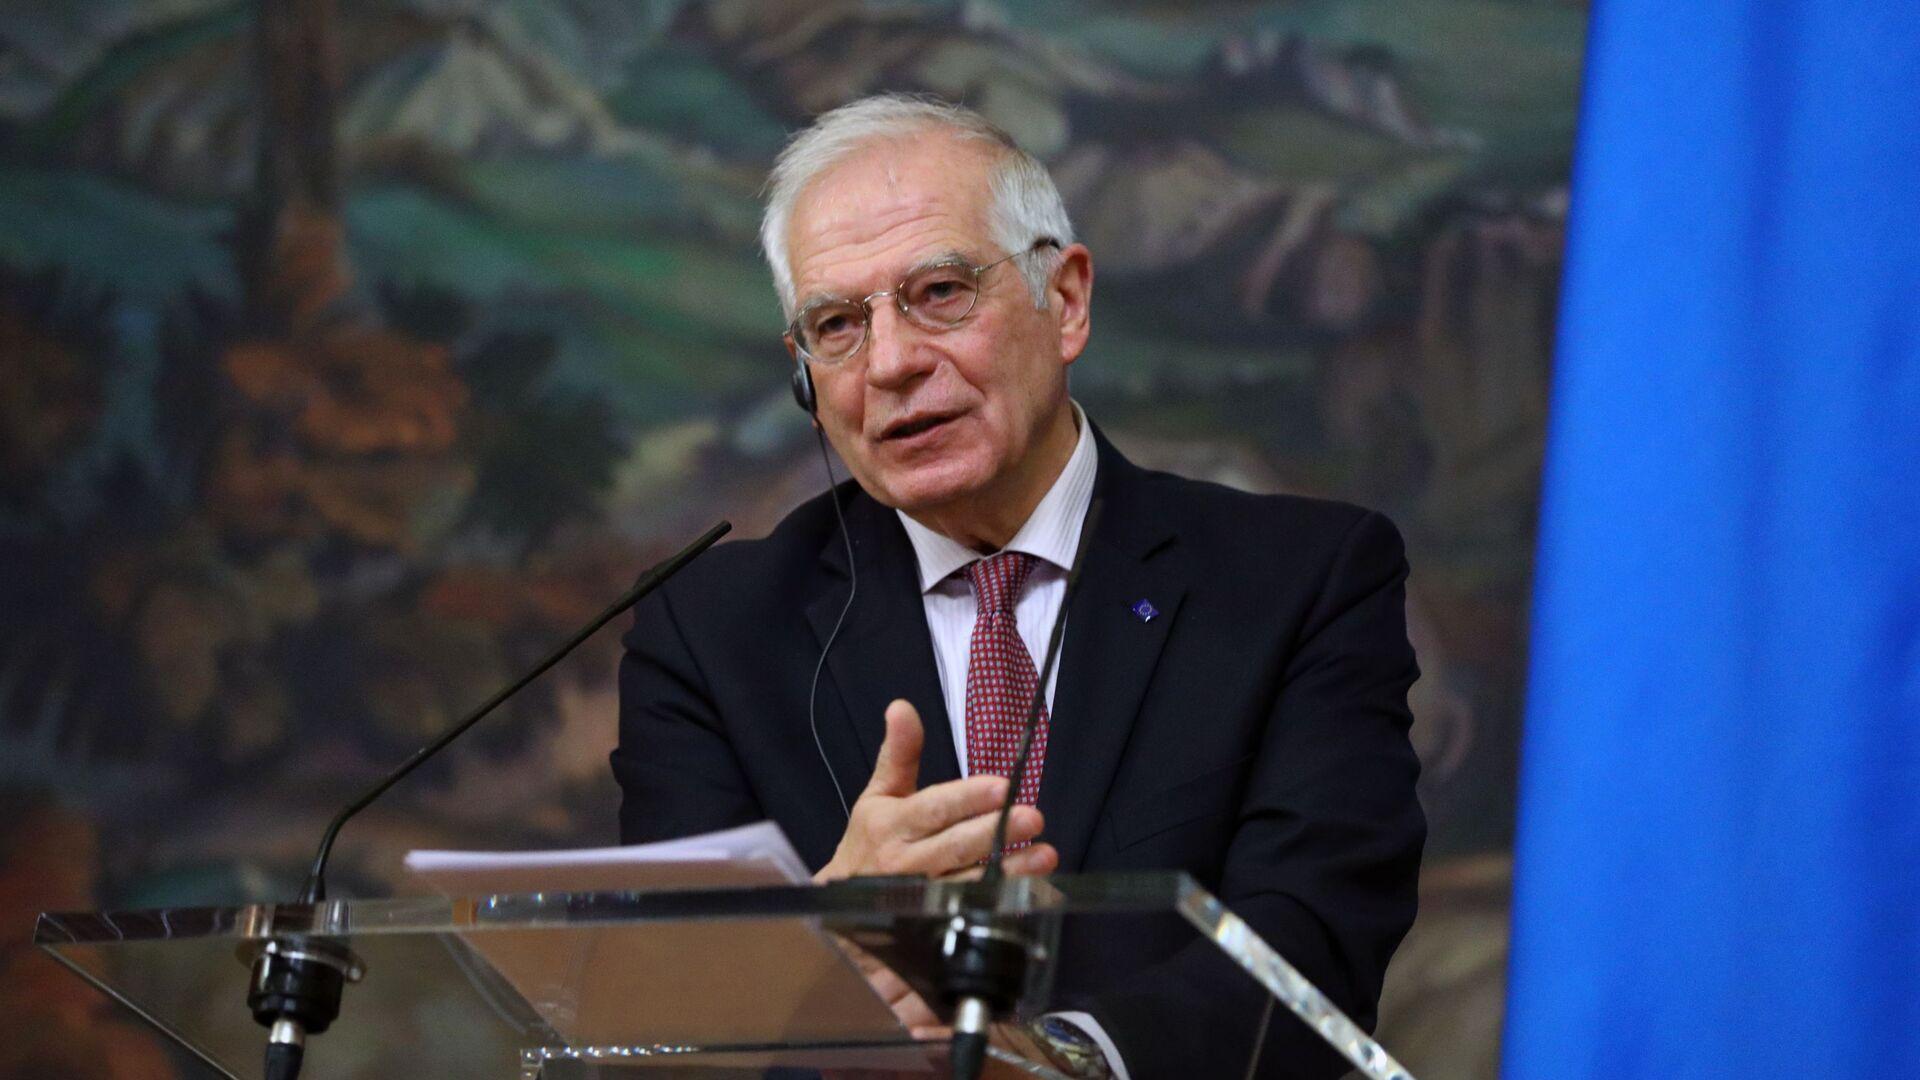 La visita del Josep Borrell a Moscú - Sputnik Mundo, 1920, 24.03.2021